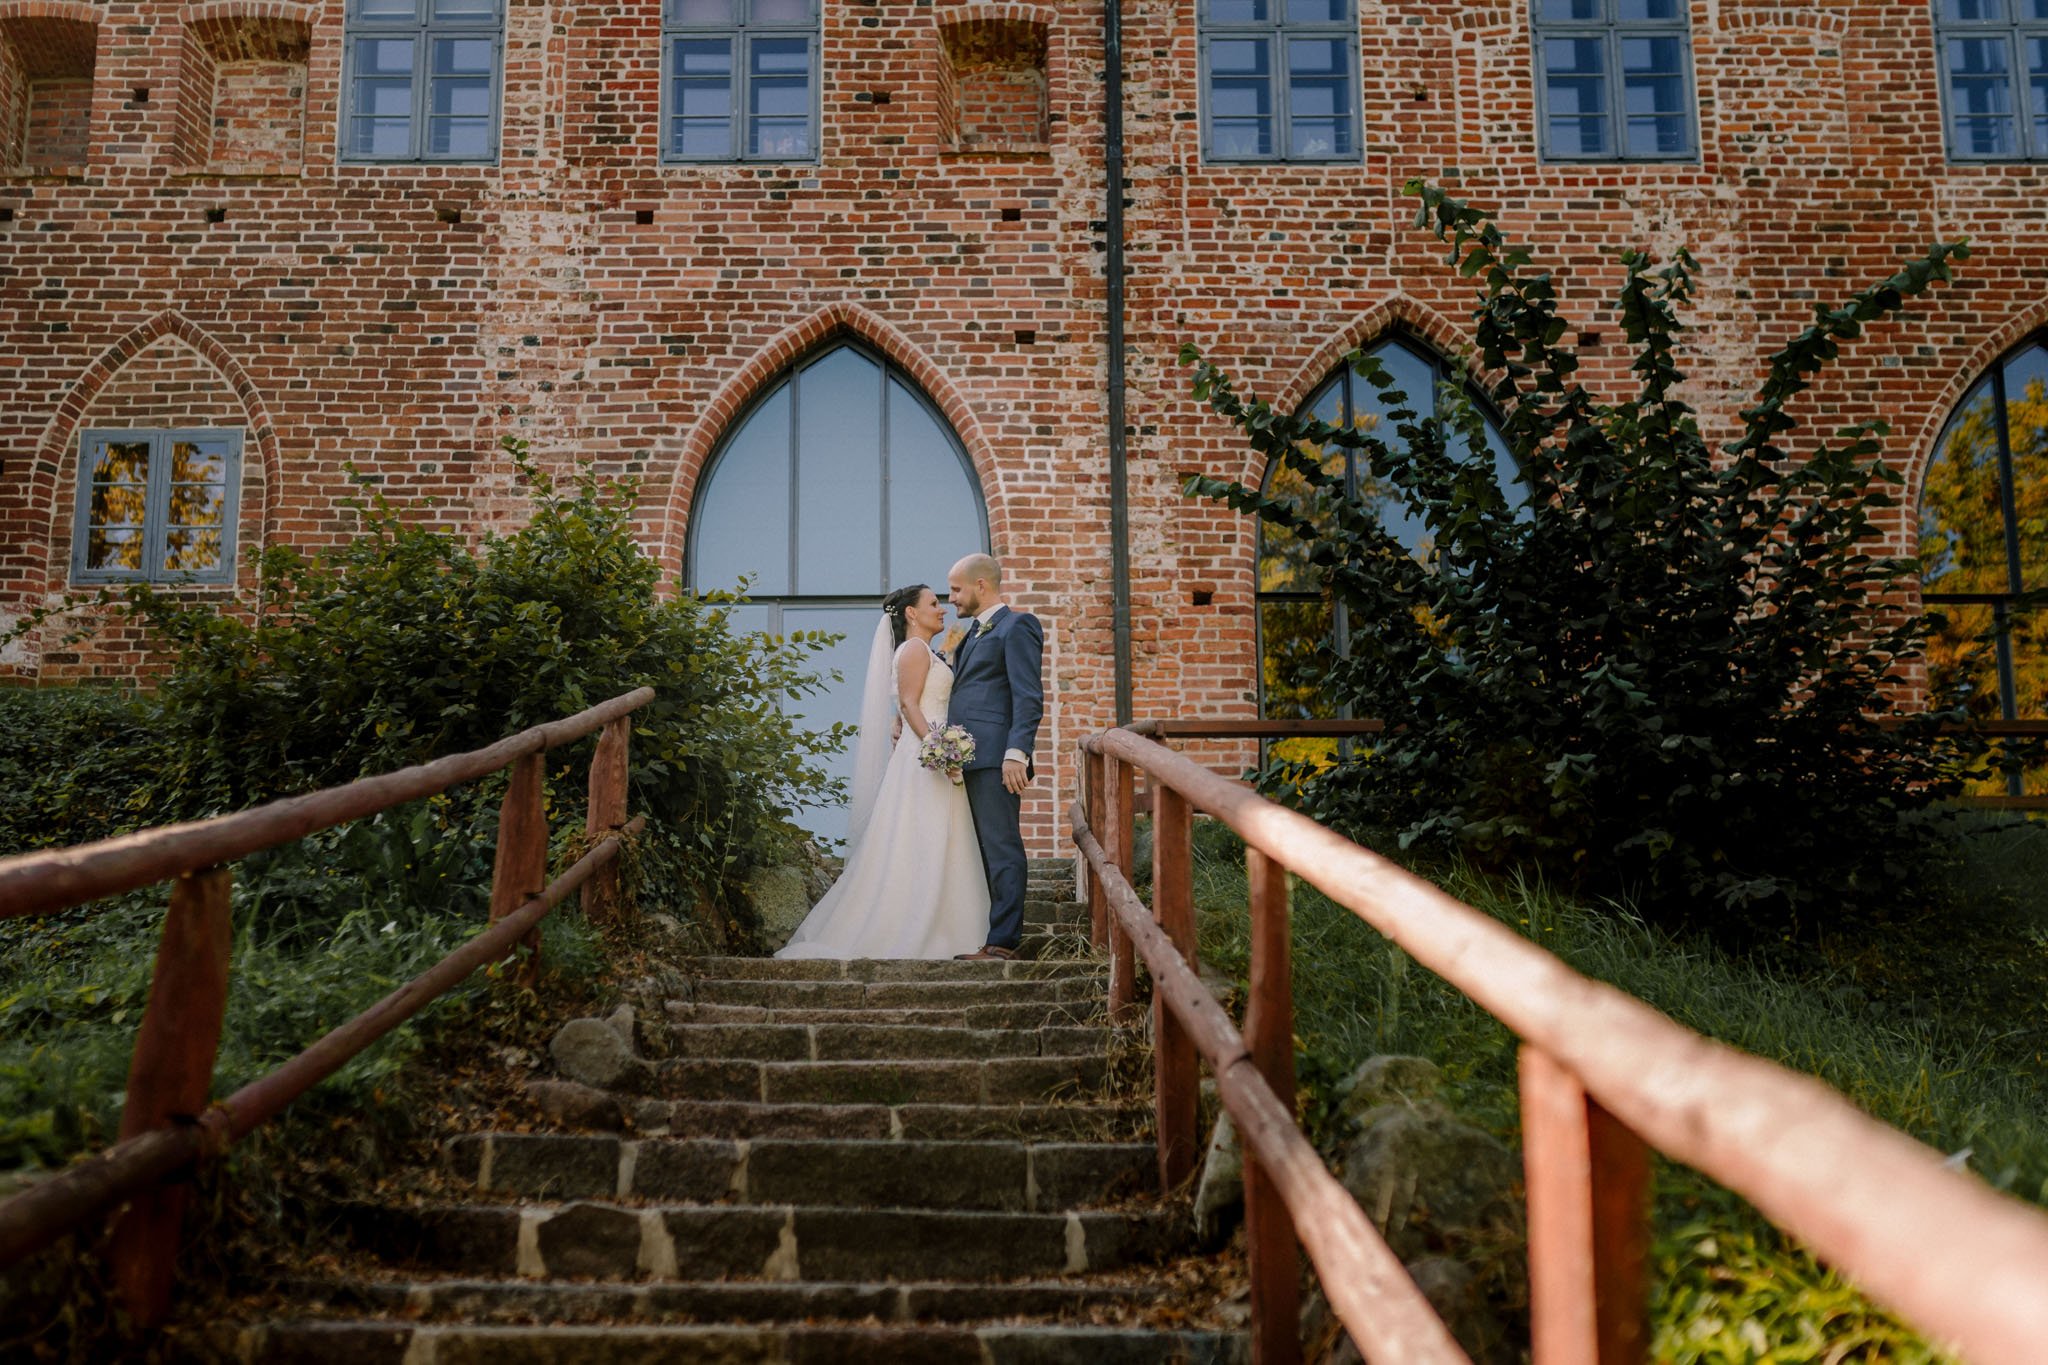 Hochzeitsfieber by Photo-Schomburg, Hochzeitsfotograf, Hamburg,Hochzeitstag, Hochzeitspaar, Braut, Bräutigam, Literaturhauscafe Zarrentin-68